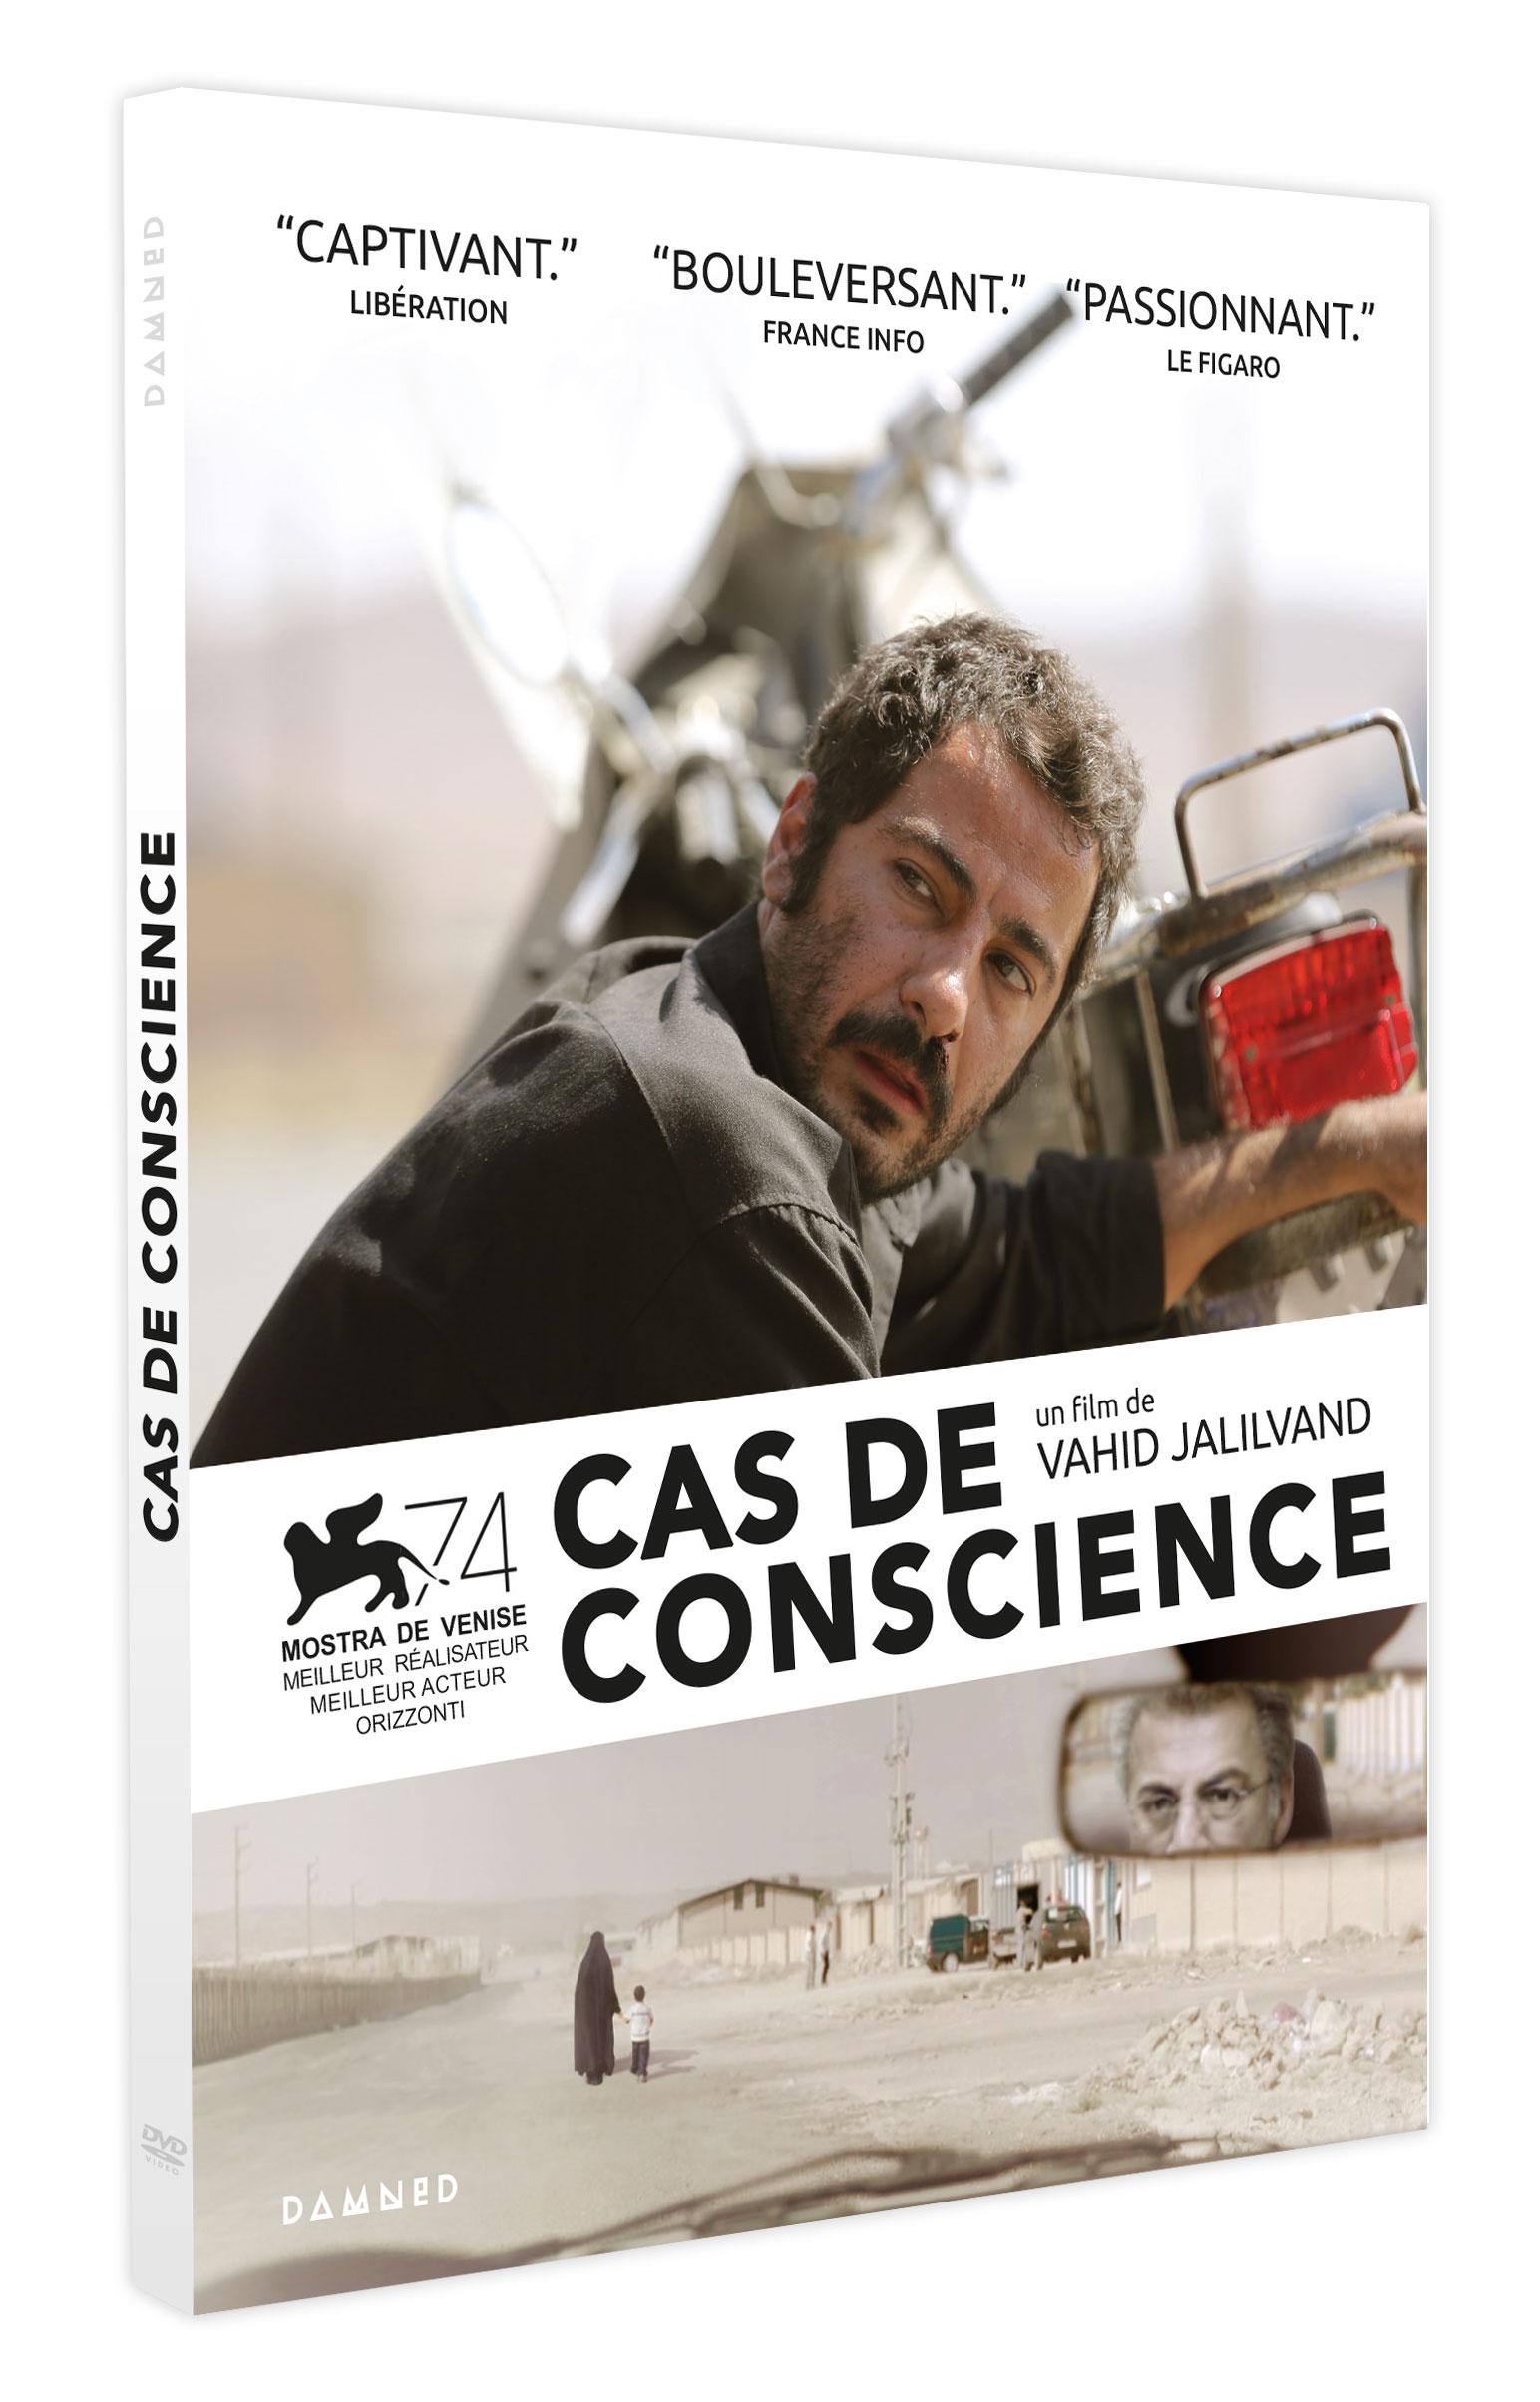 CAS DE CONSCIENCE - vignette.jpg